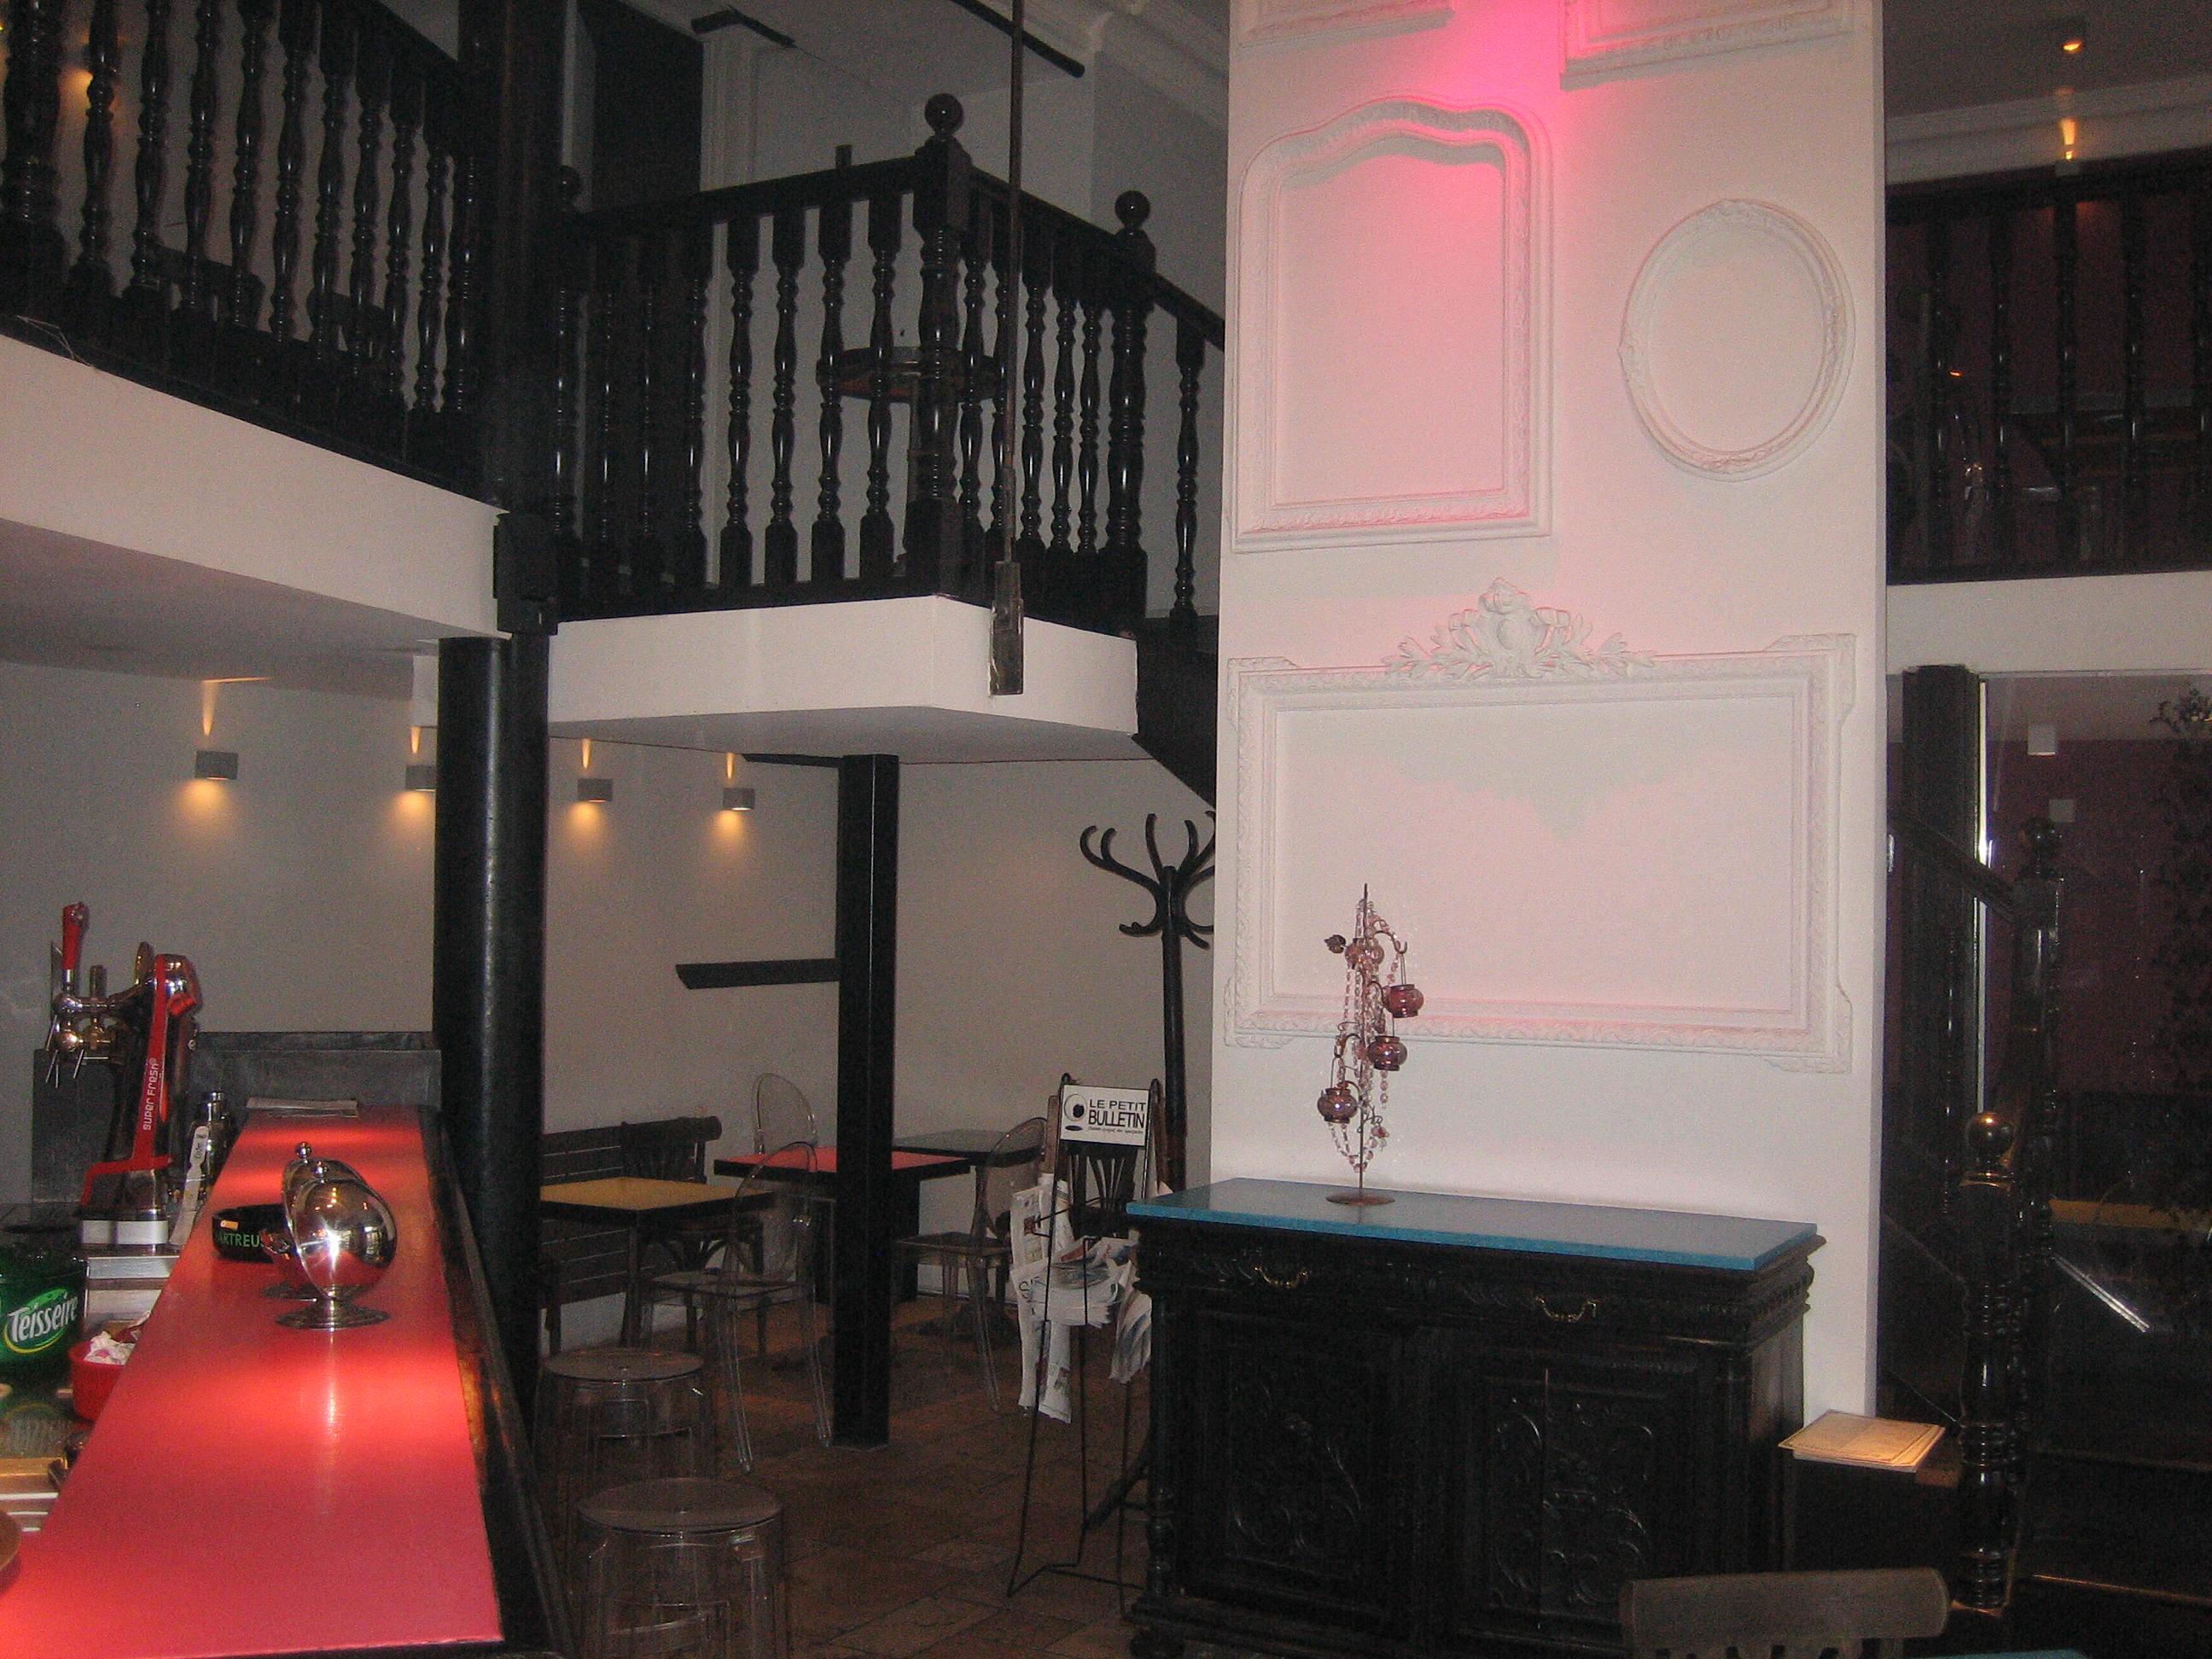 ligne sezz cafe restaurant grenoble. Black Bedroom Furniture Sets. Home Design Ideas